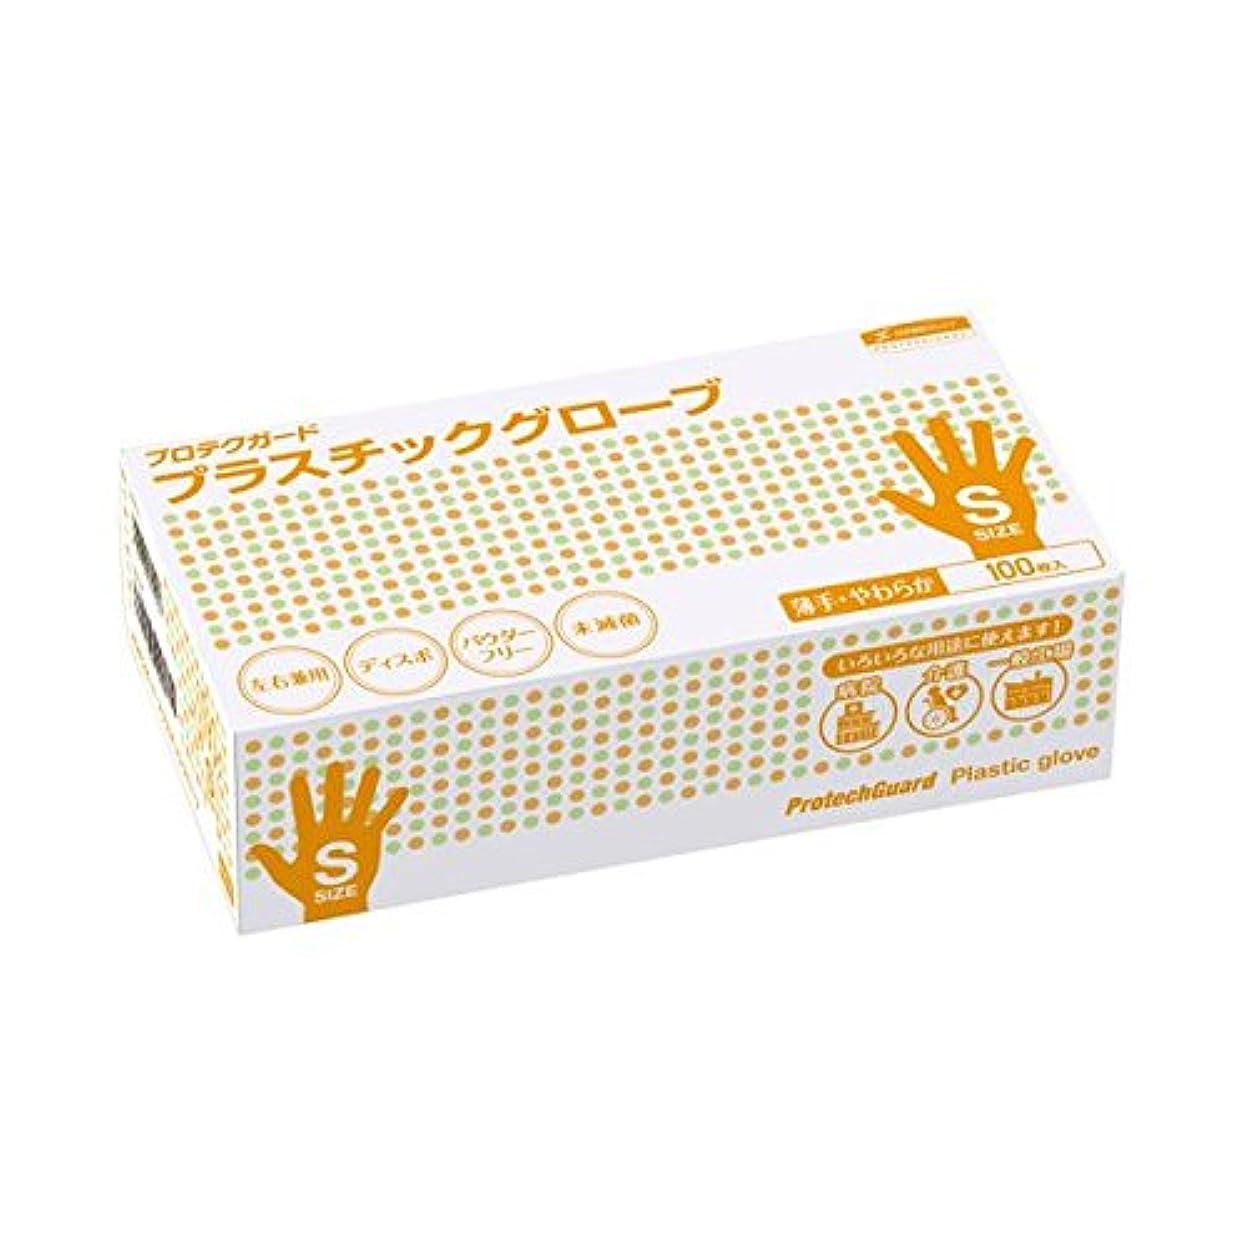 自己組立オール(業務用20セット) 日本製紙クレシア プロテクガード プラスチックグローブS